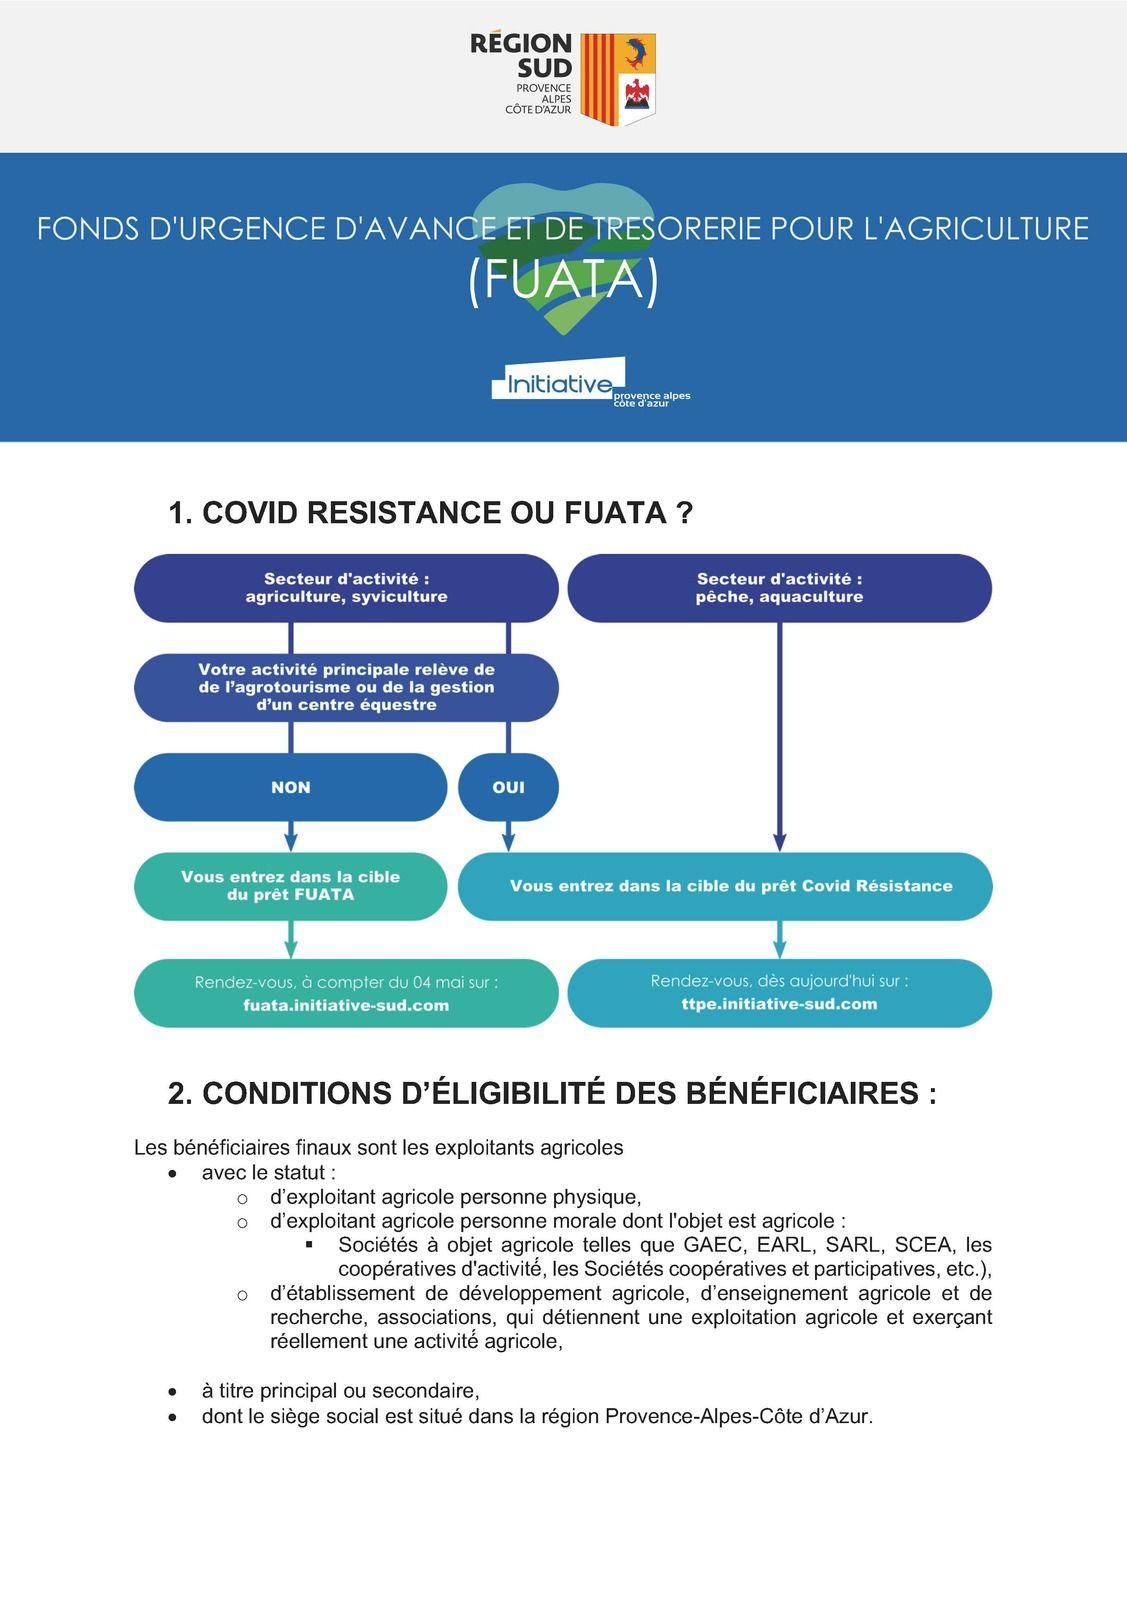 Région information  Fonds d'Urgence d'Avance de Trésorerie pour l'Agriculture auprès des exploitations agricoles de la Région SUD.